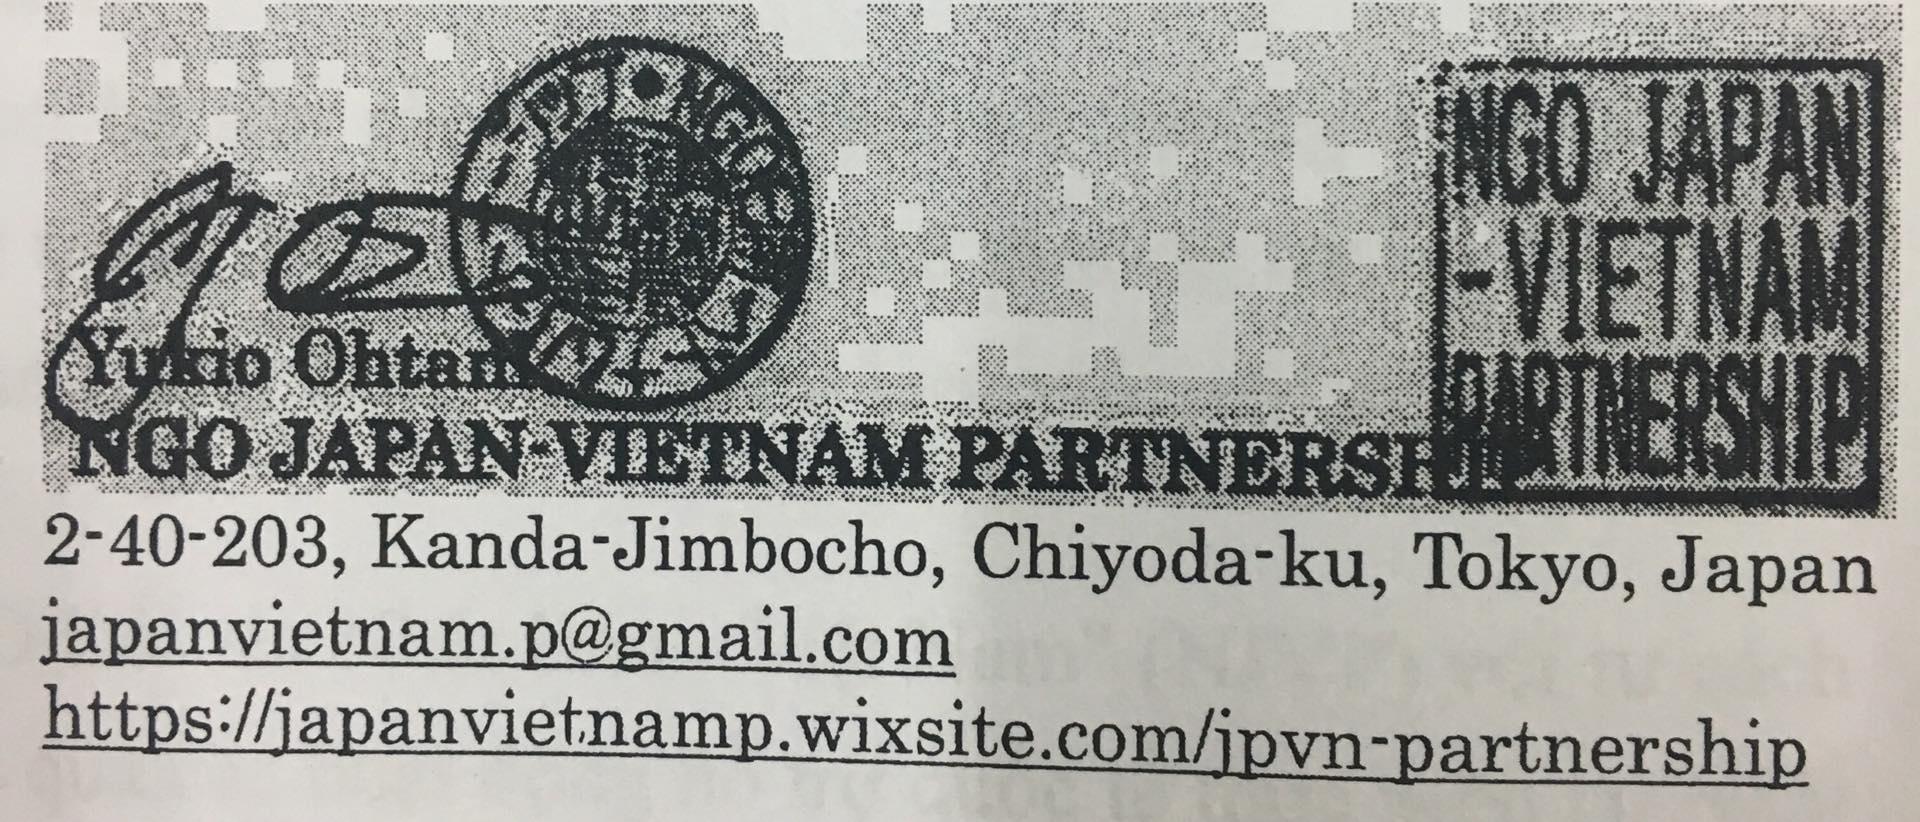 Tổ chức NGO Đối tác Nhật Bản - Việt Nam (The NGO Japan-Vietnam Partnership, viết tắt NJVP)